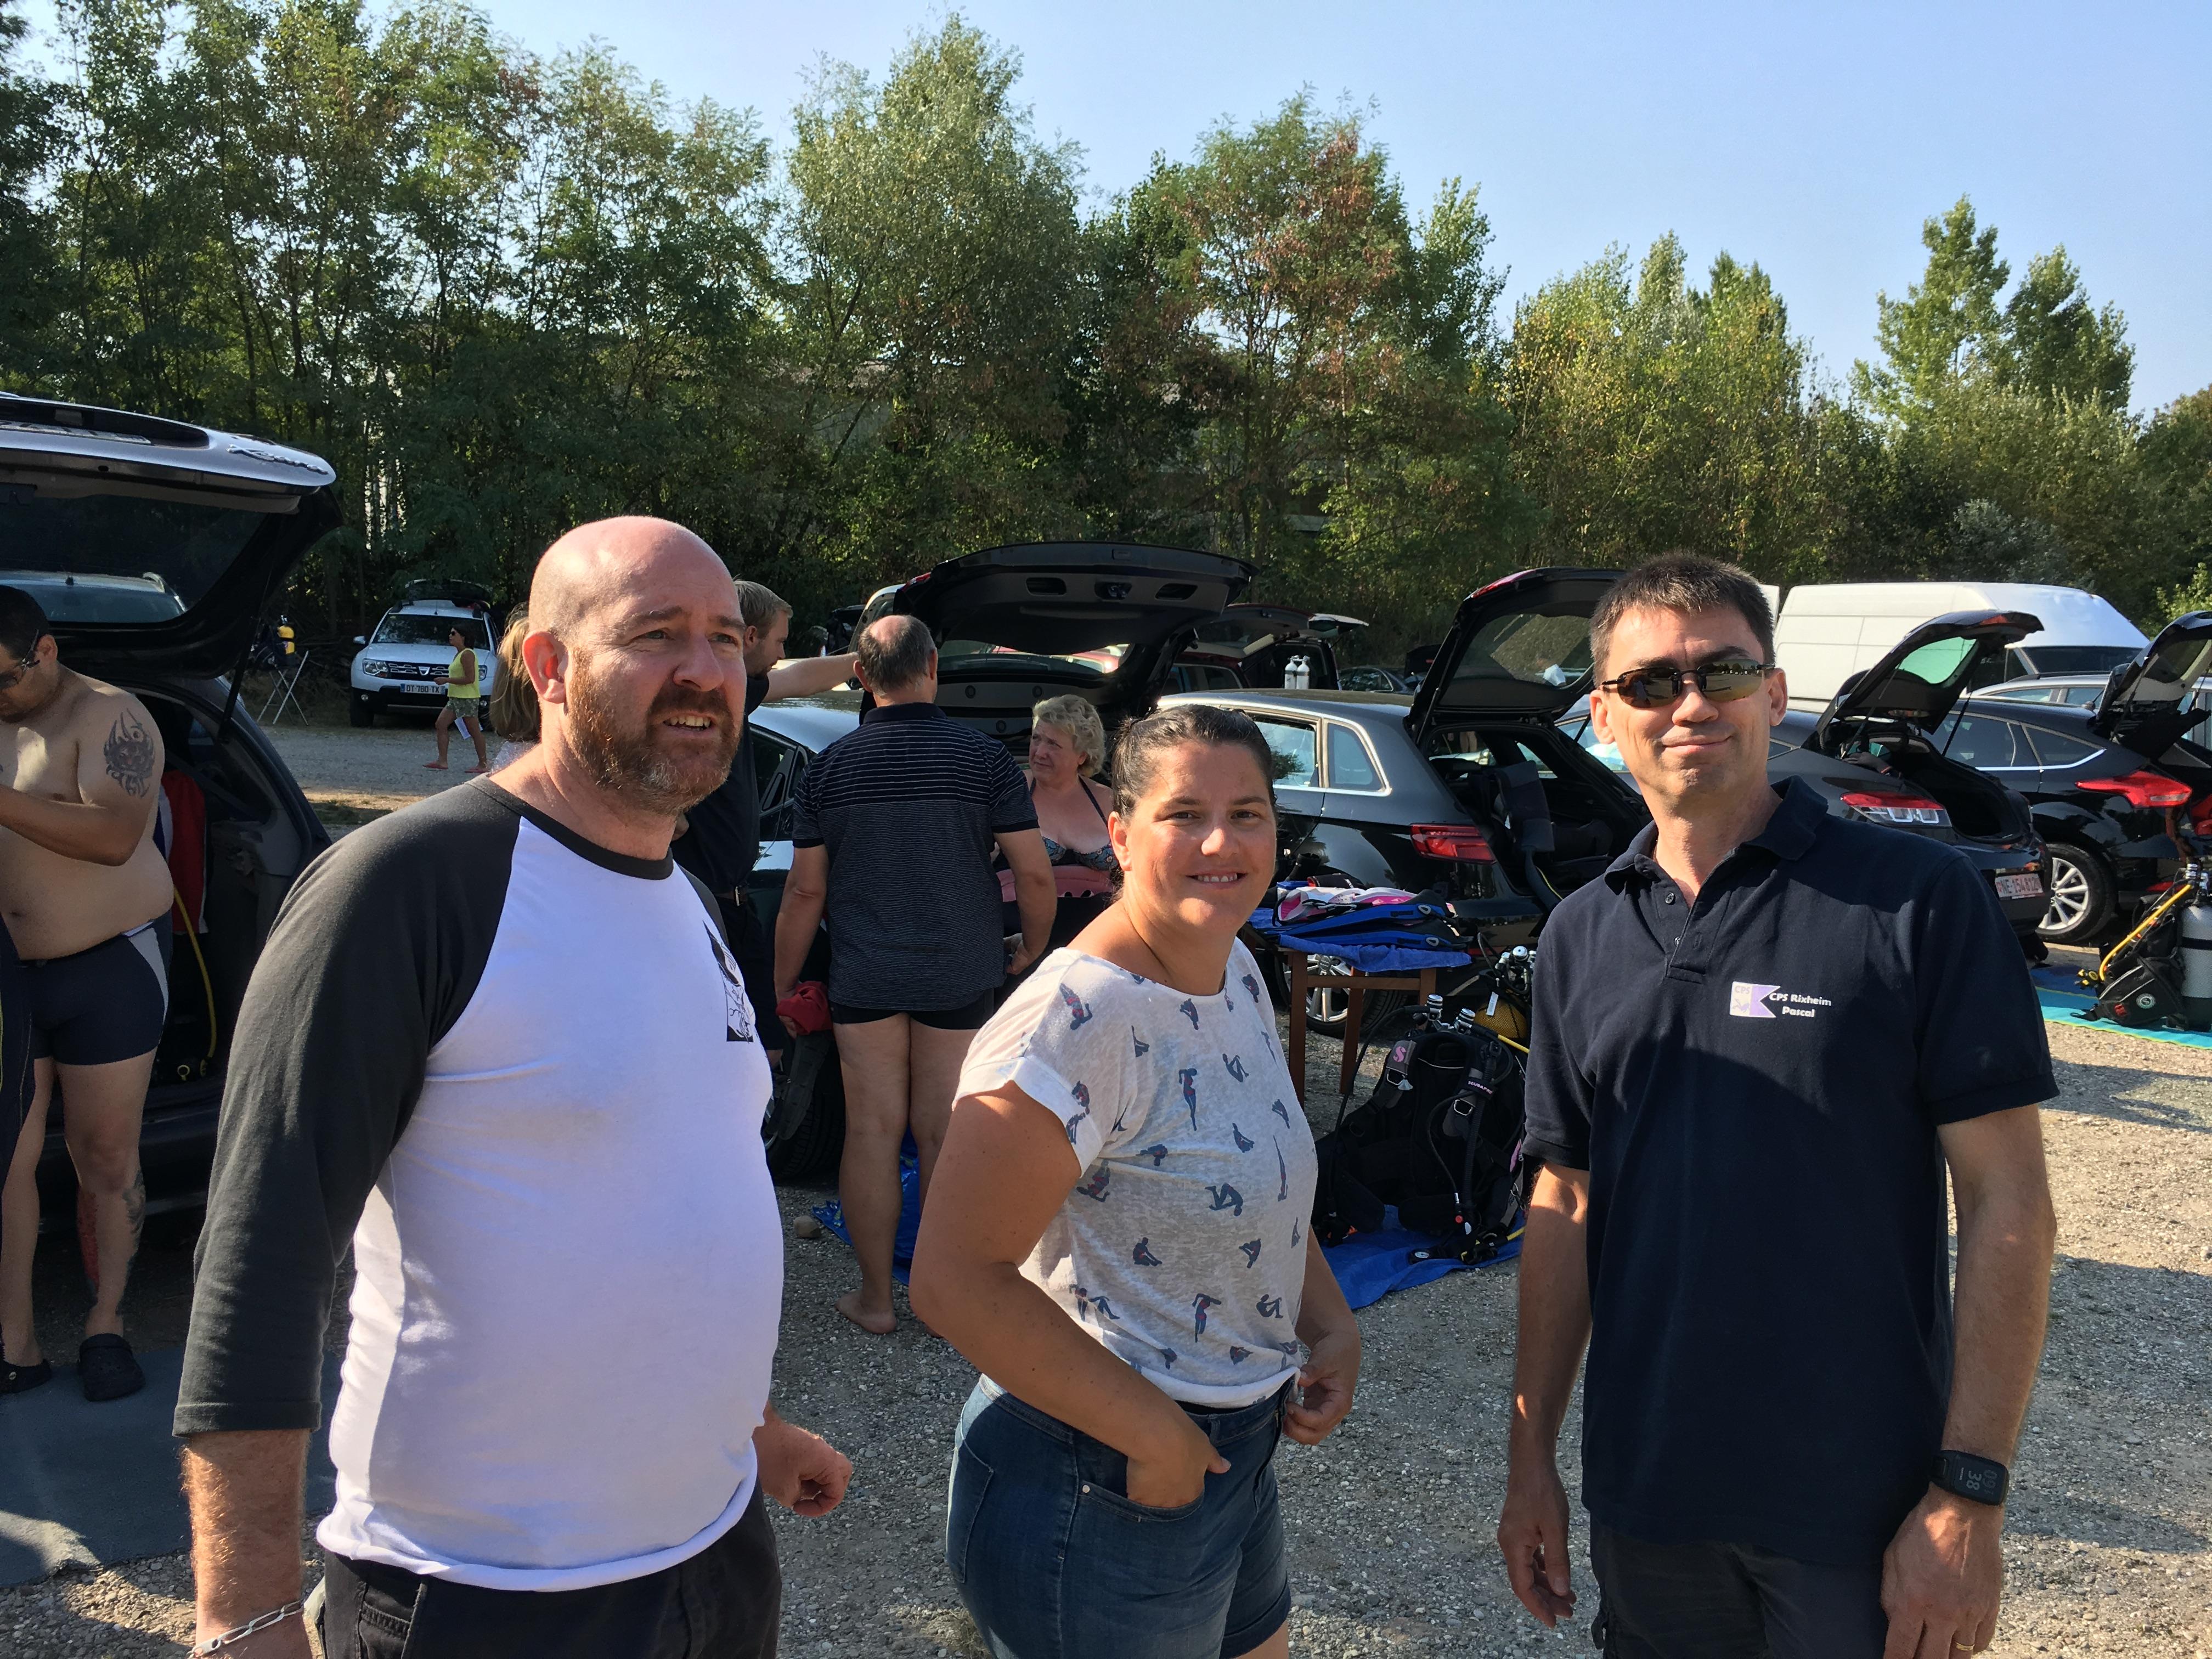 201808_CPS_Dimanches d'été Gravière_032